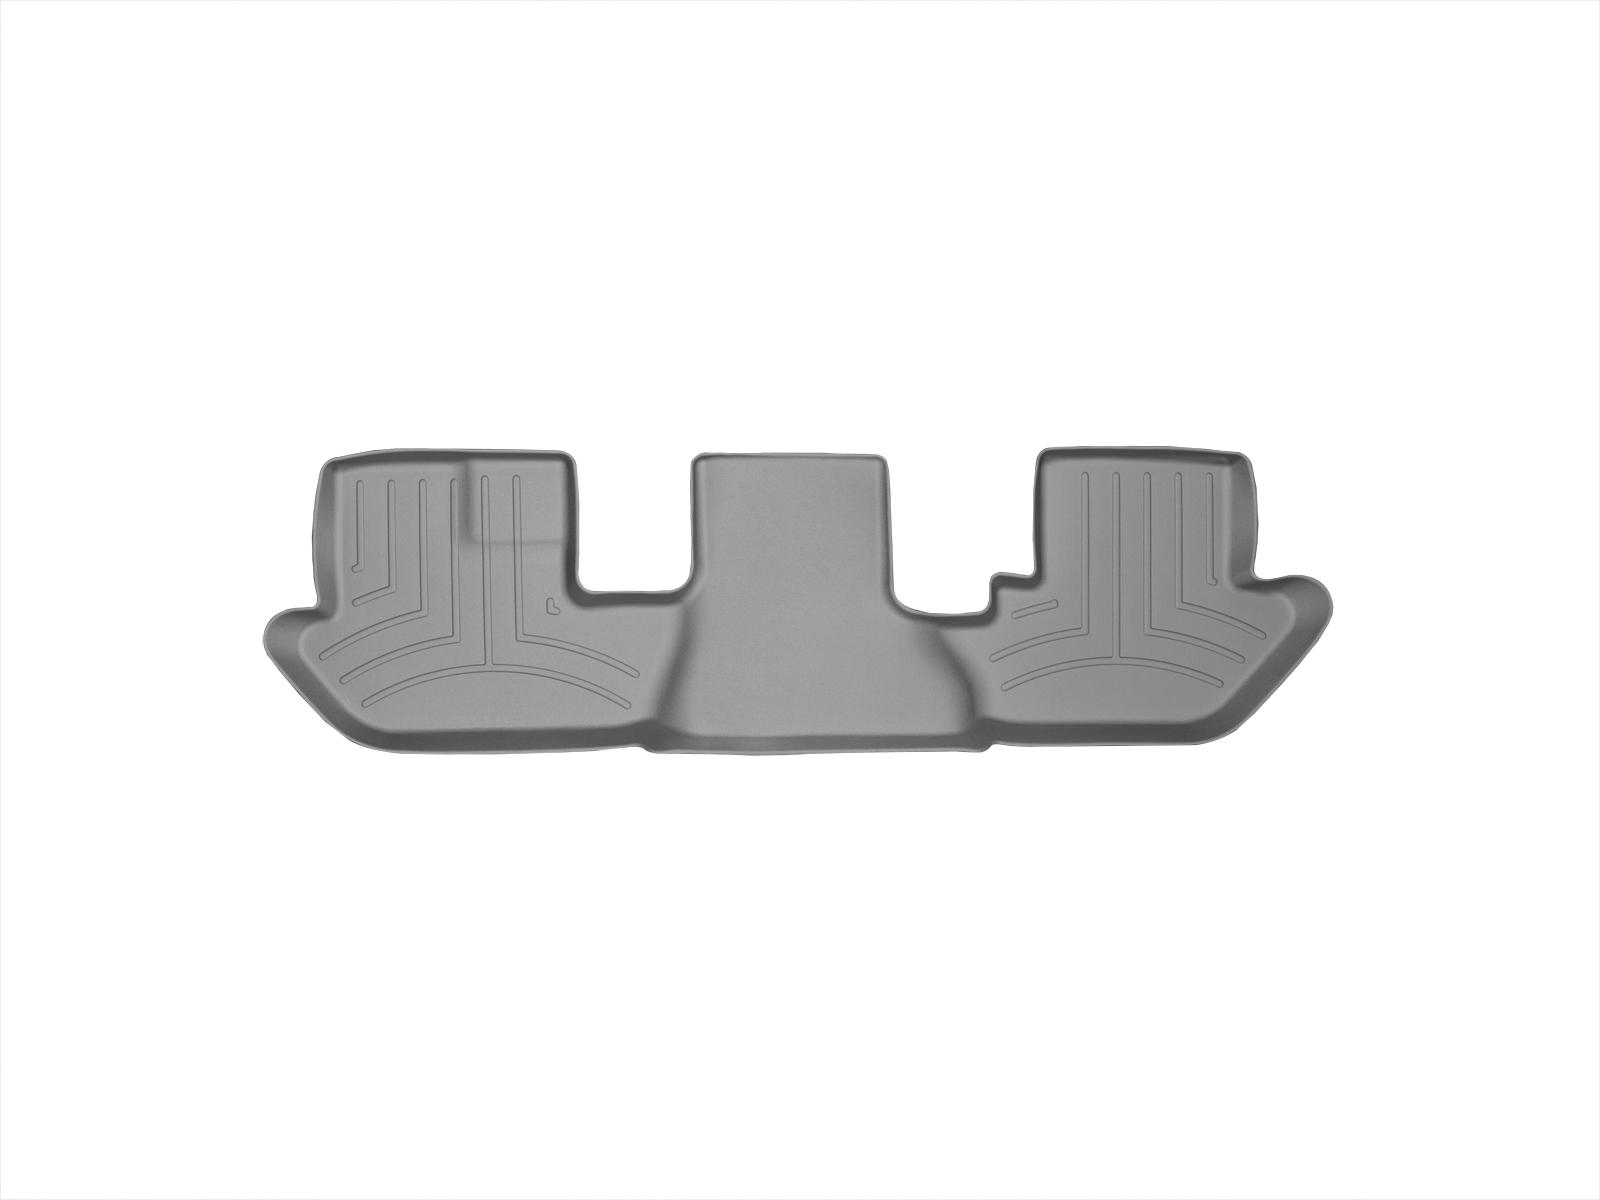 Tappeti gomma su misura bordo alto Chevrolet Suburban 00>06 Grigio A212